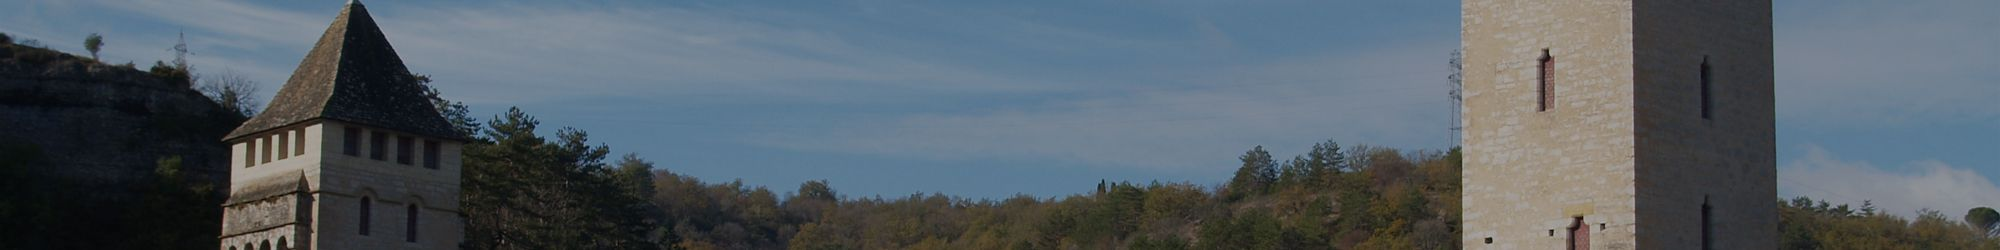 Château de Cahors